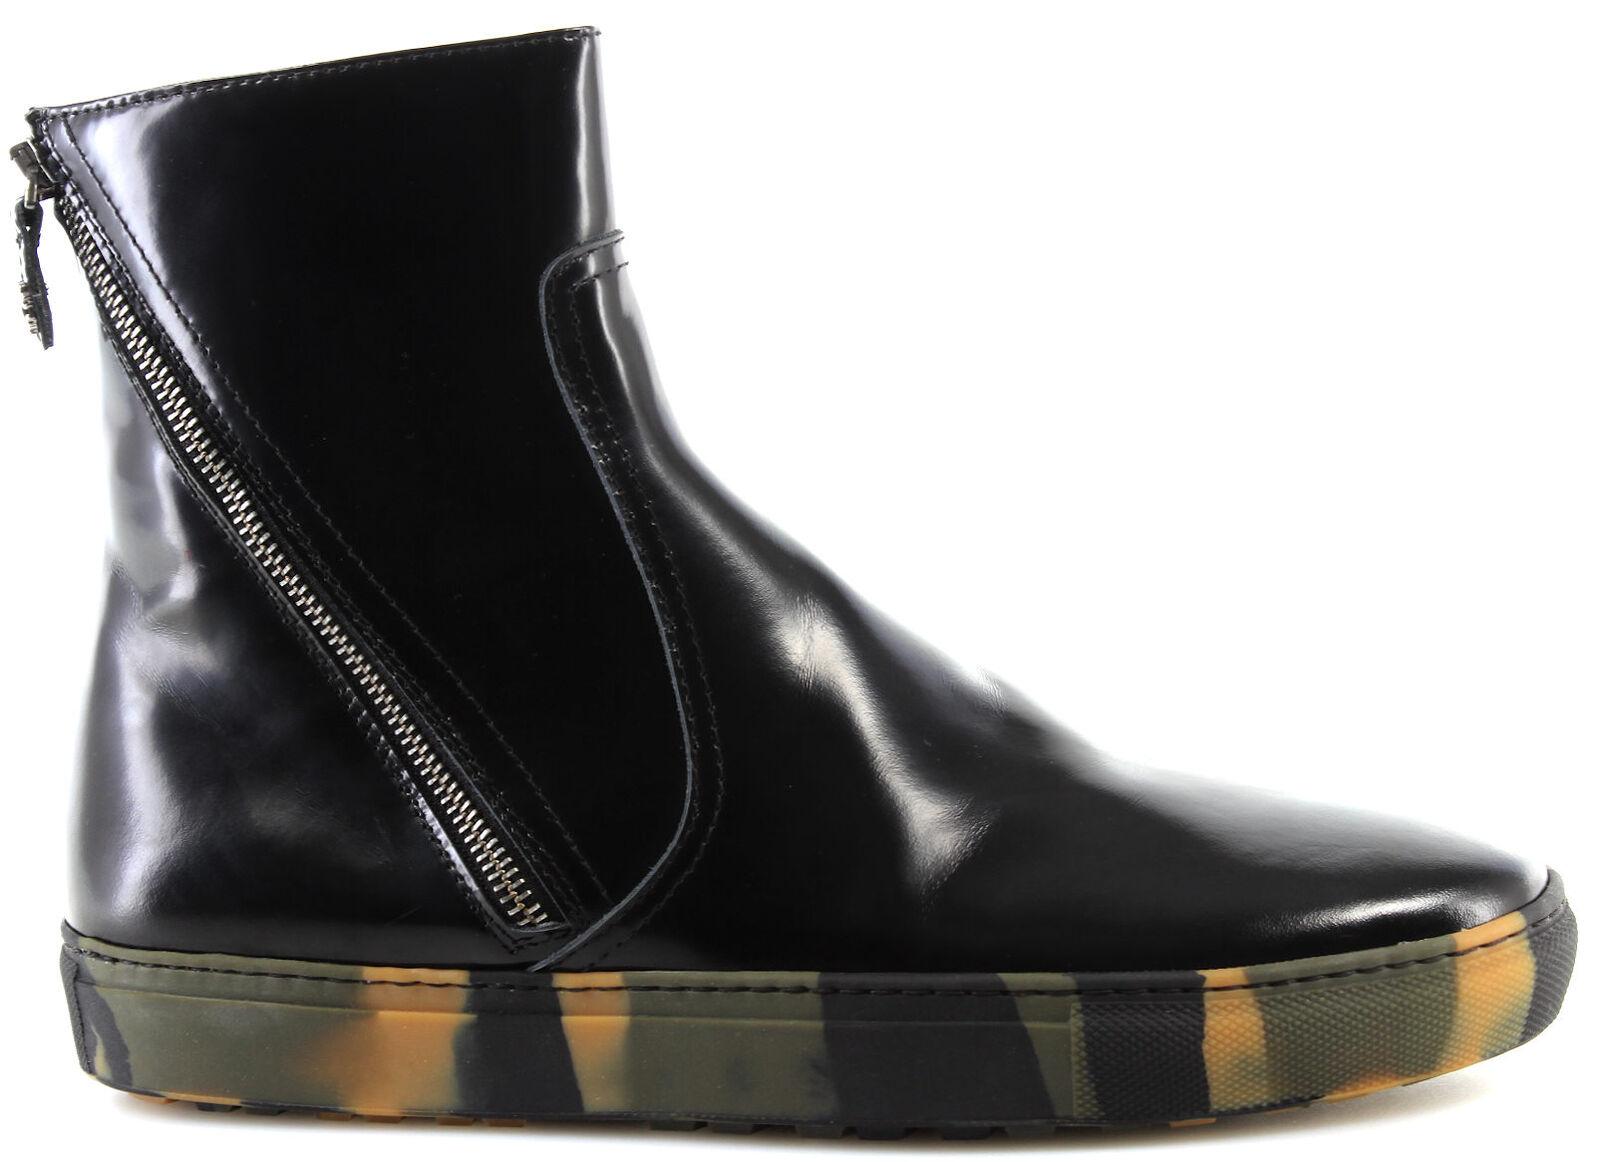 ROBERTO CAVALLI Herren Stiefeletten Schuhe 3022RC VarianteB Spazzolato schwarz IT